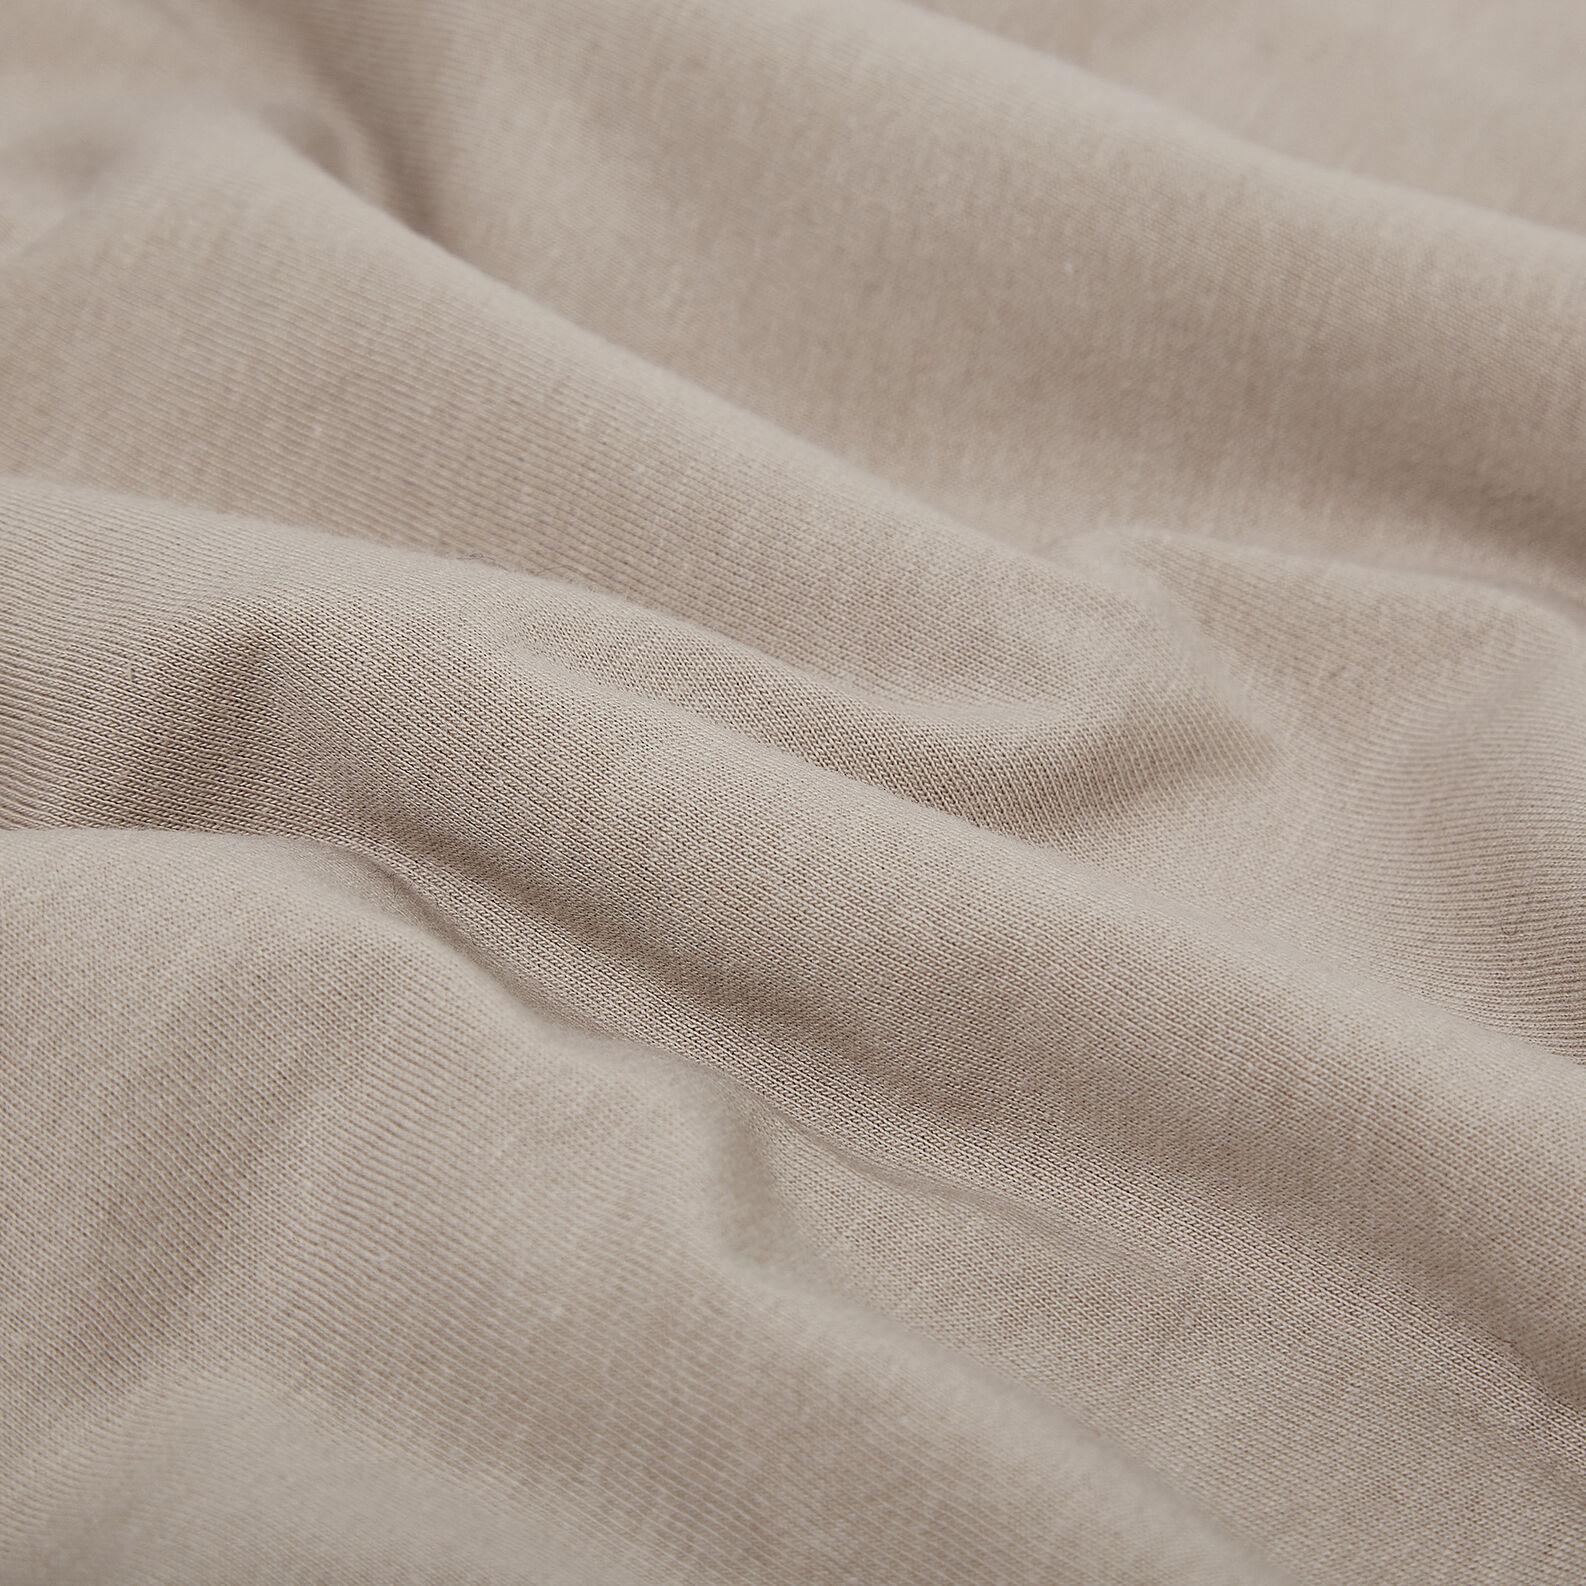 Cotton jersey duvet cover set